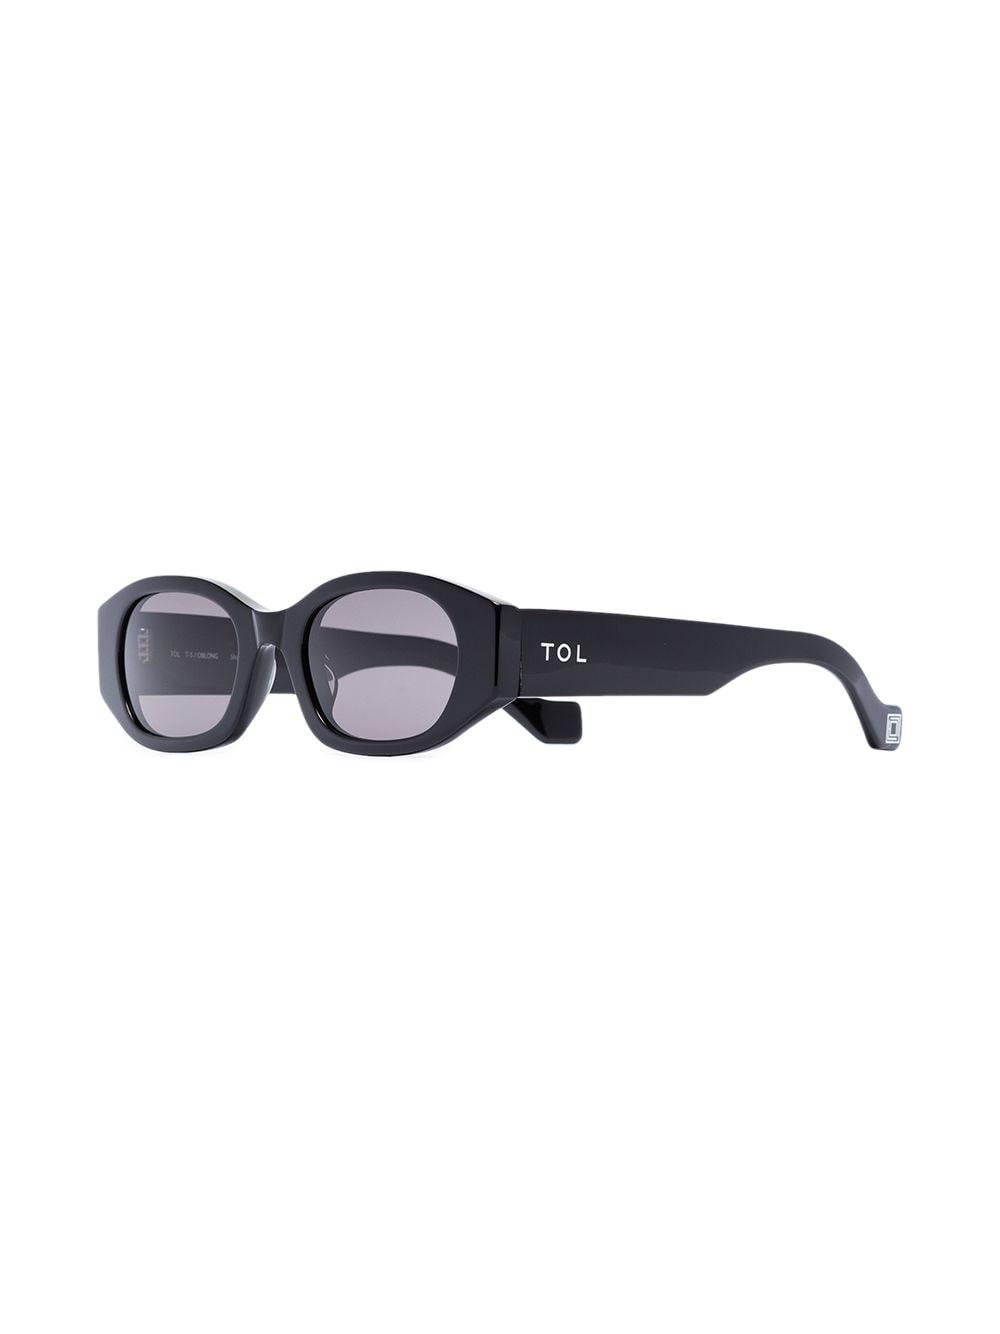 TOL Eyewear $260.00